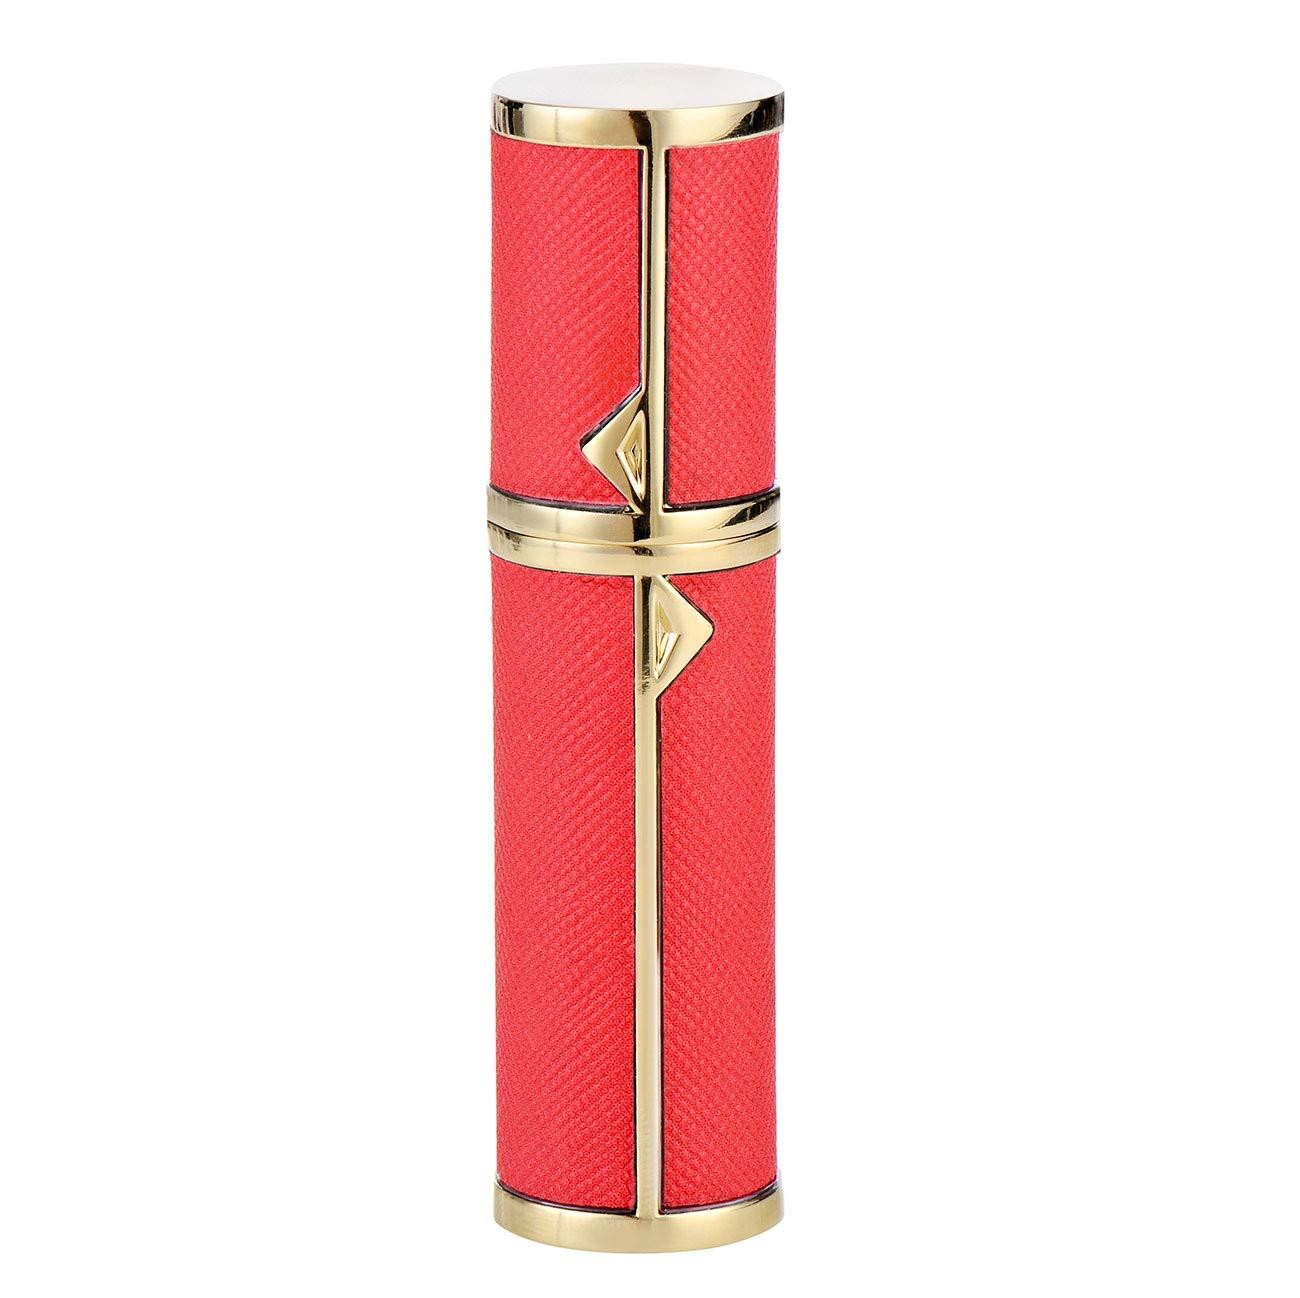 5ml Portable Mini Refillable Perfume Bottle, Leather & Metal Perfume Spray Atomizer for Travel (red)